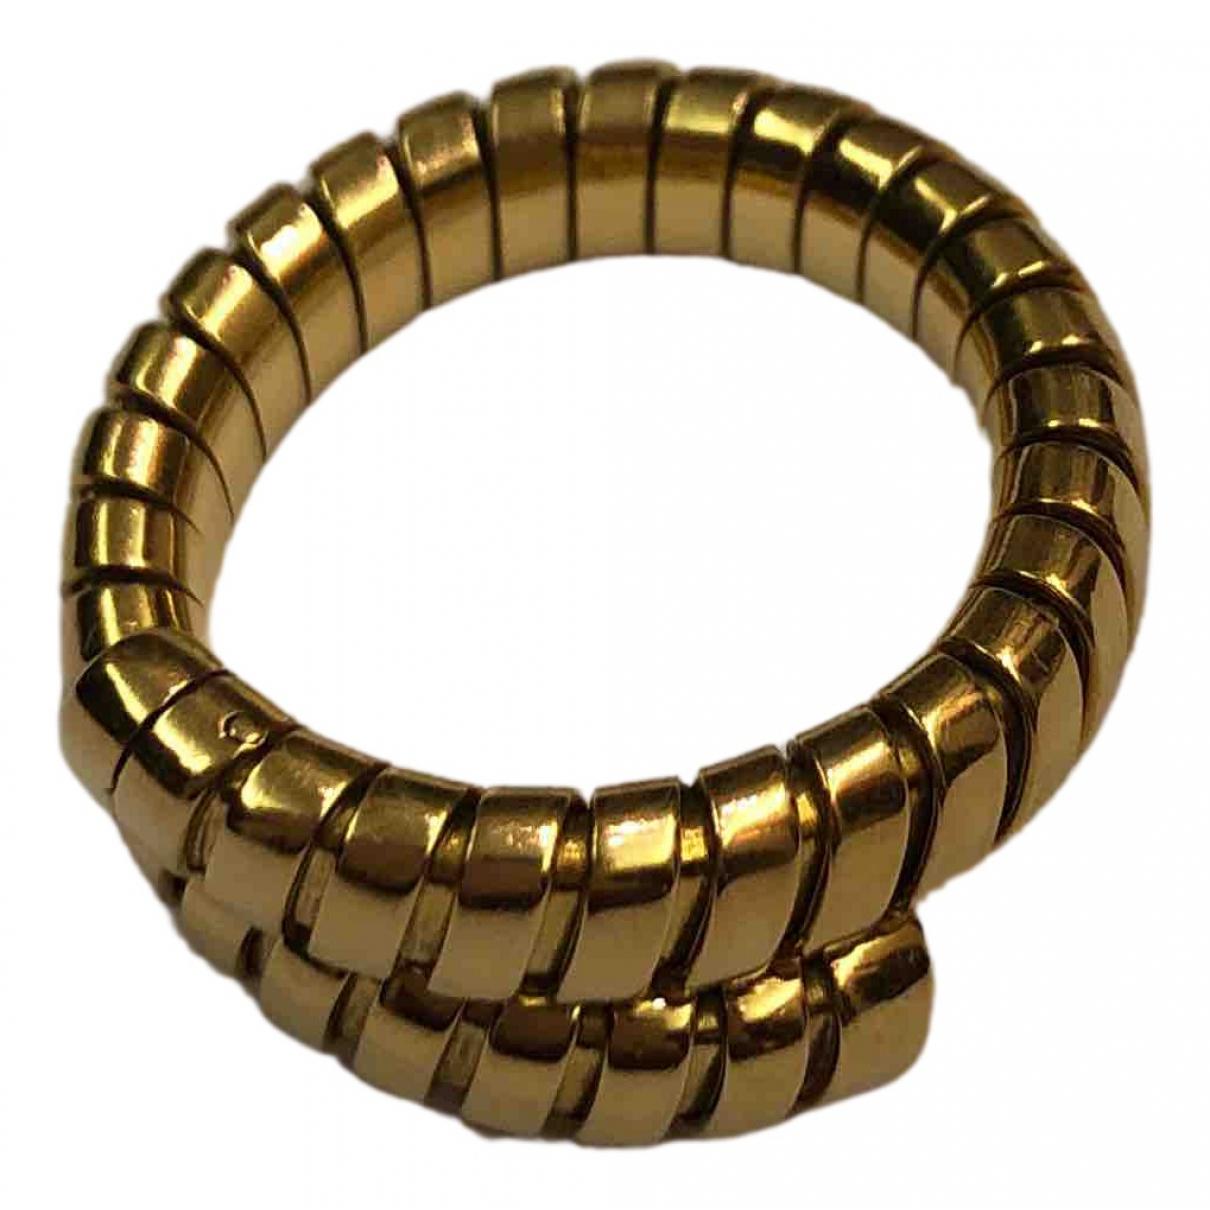 Bvlgari - Bague Tubogas pour femme en or jaune - dore